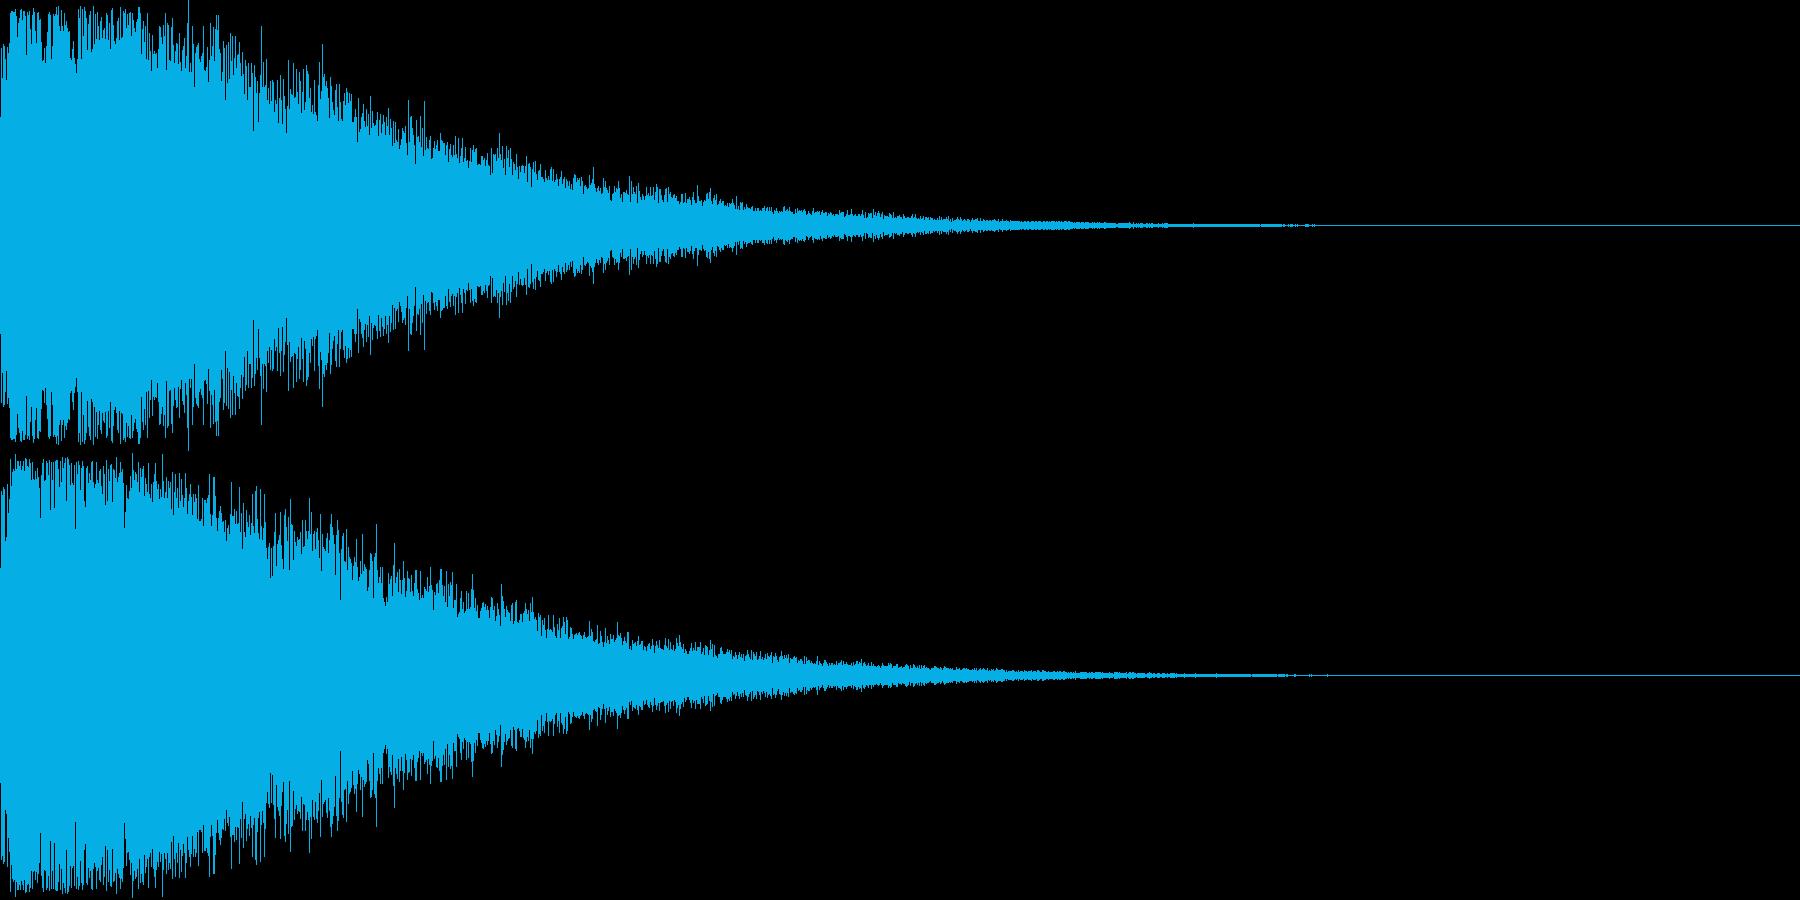 刀 剣 ソード カキーン キュイーン07の再生済みの波形